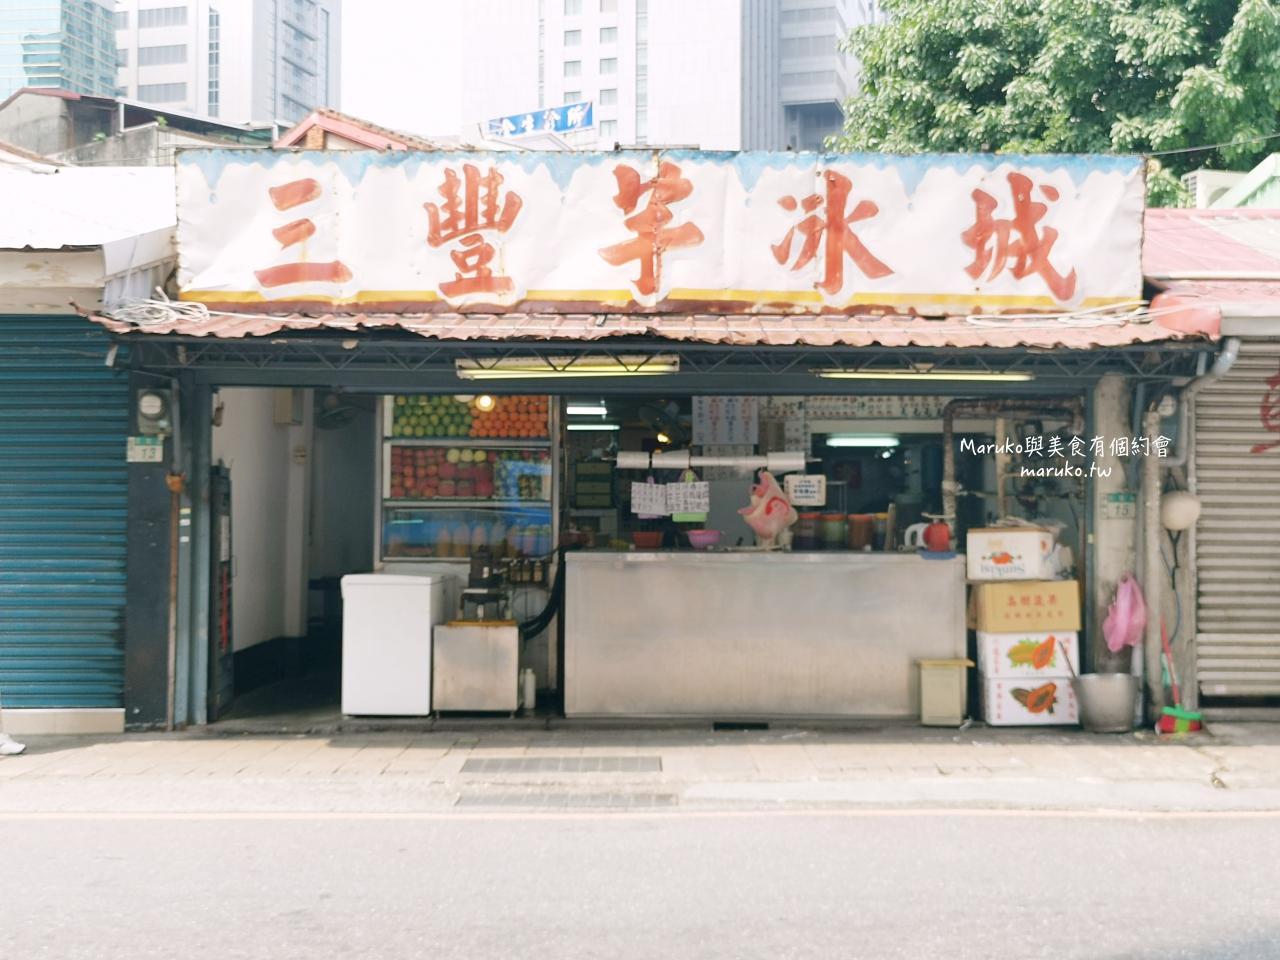 板橋 三豐芋冰城 一次買半斤秤重手工冰磚/在地40年老店/清雪冰一盤只要25元 @Maruko與美食有個約會